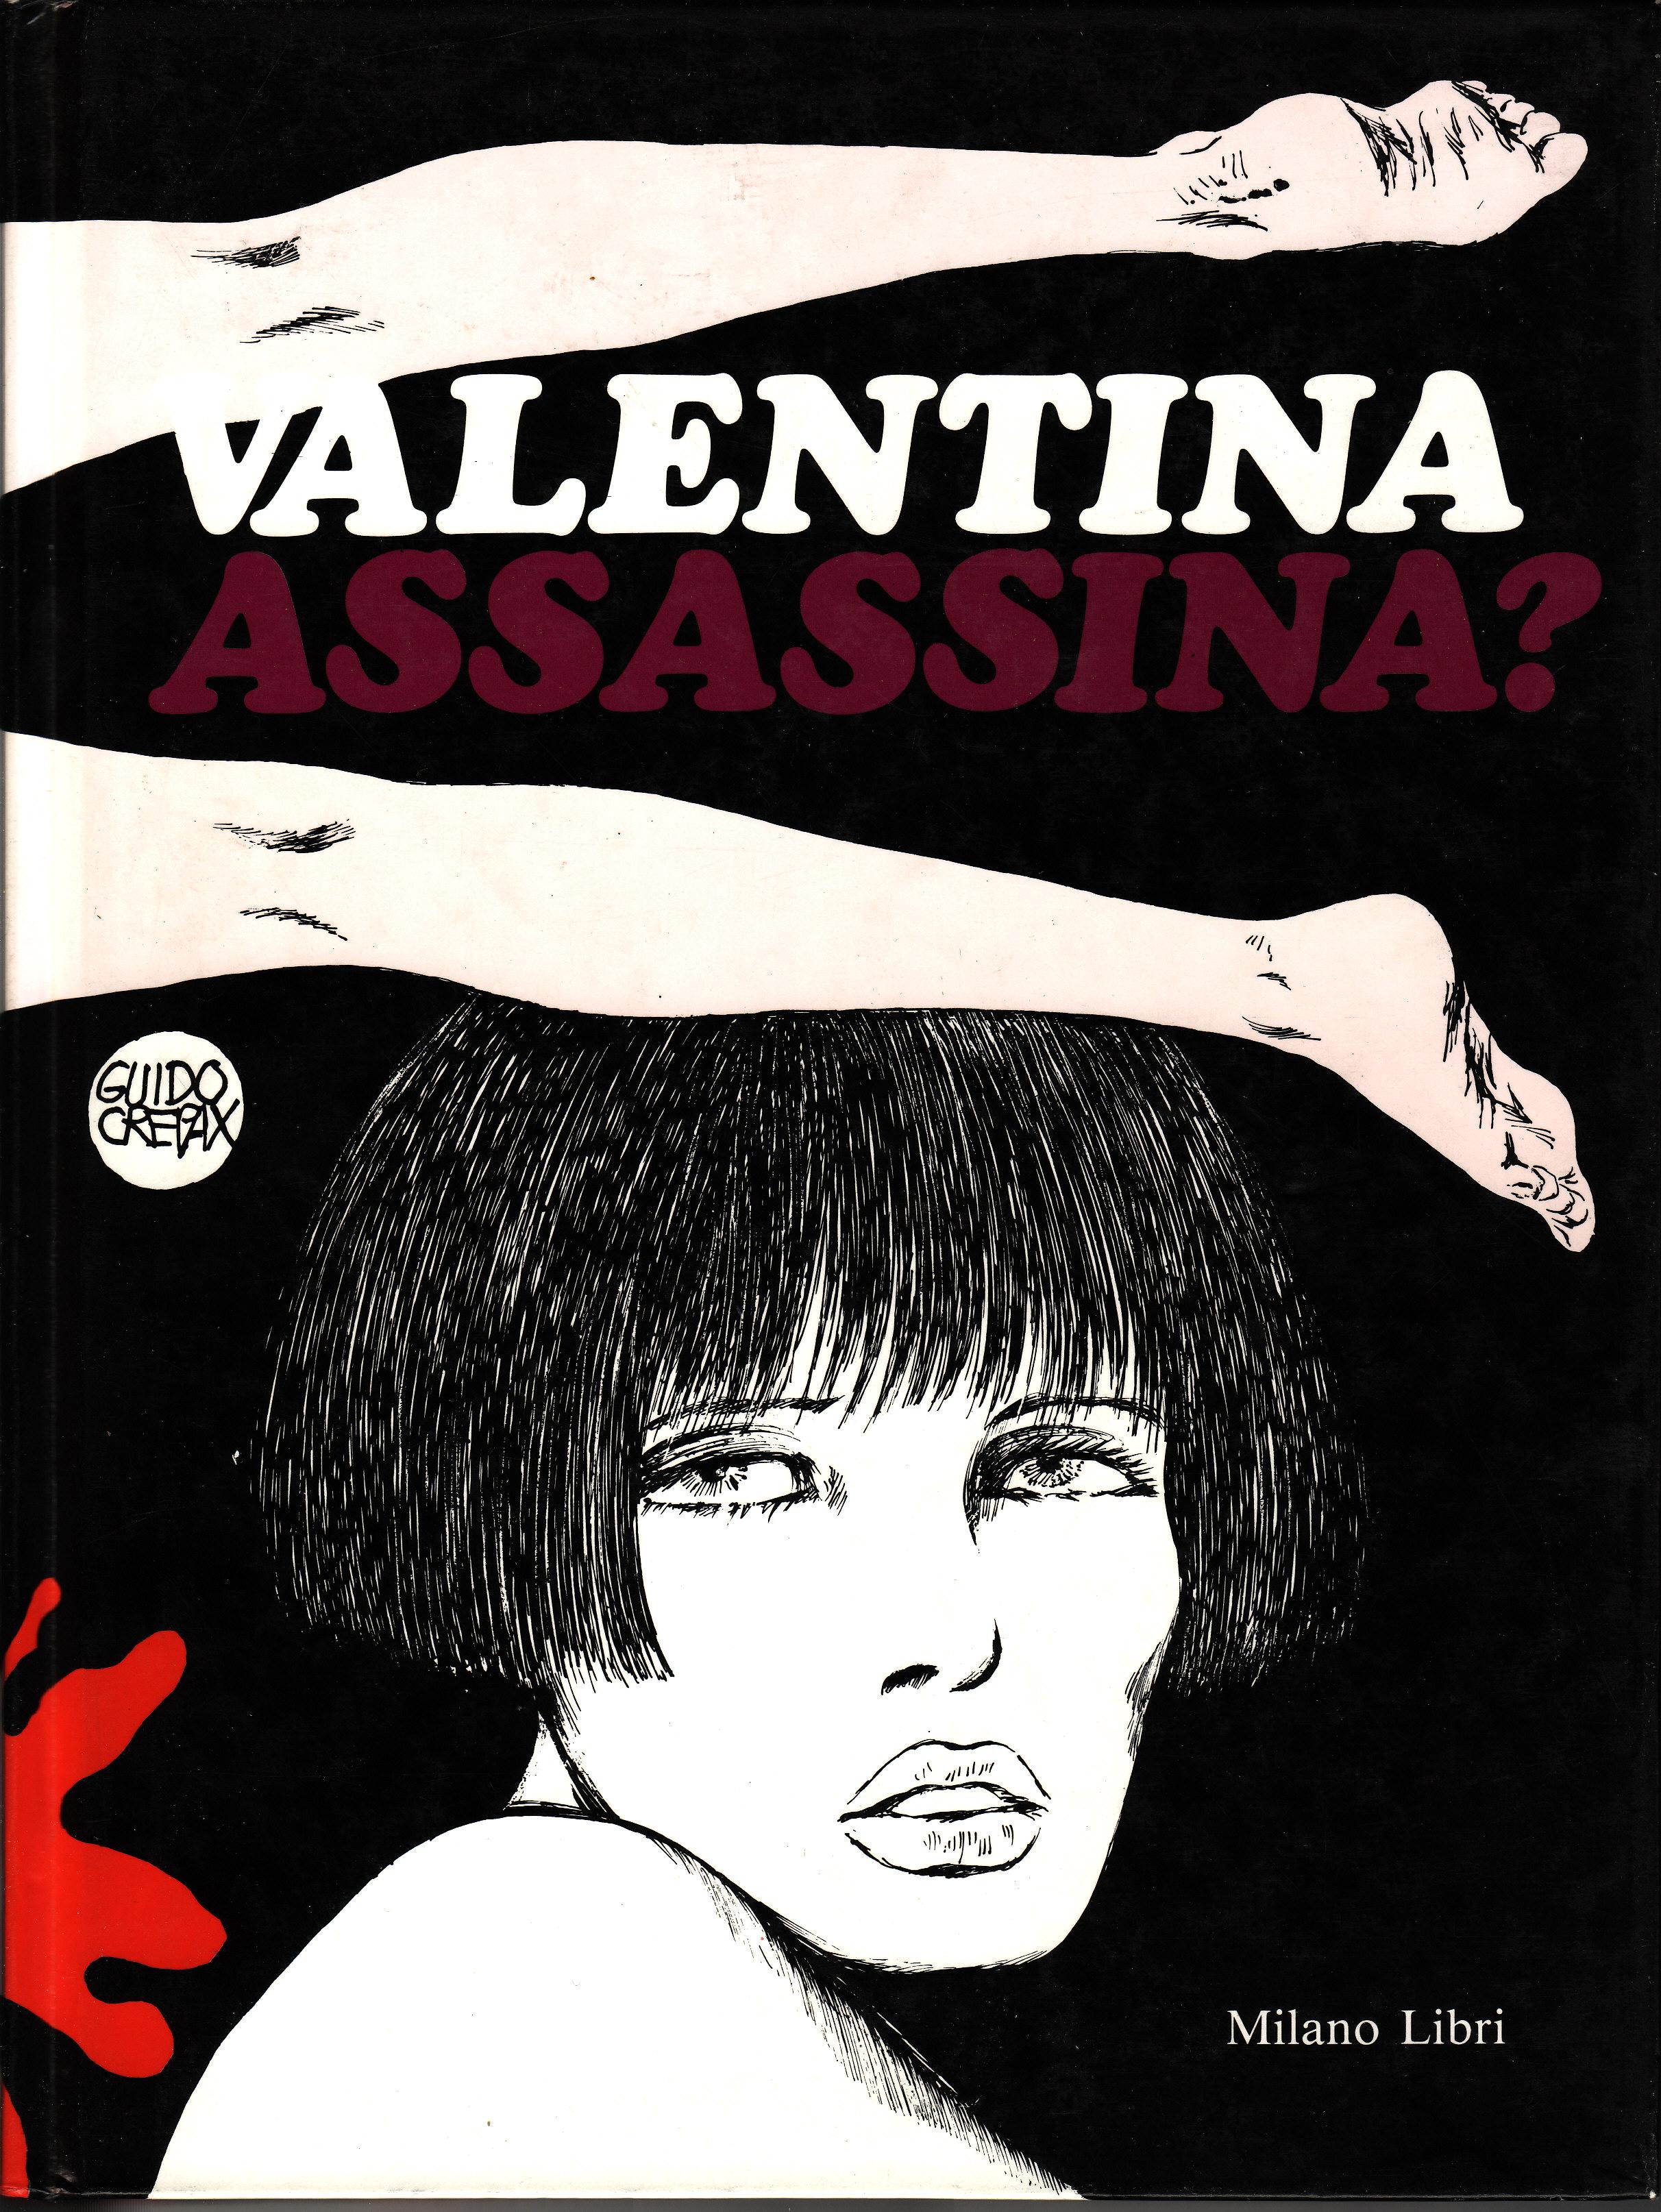 Valentina assassina?